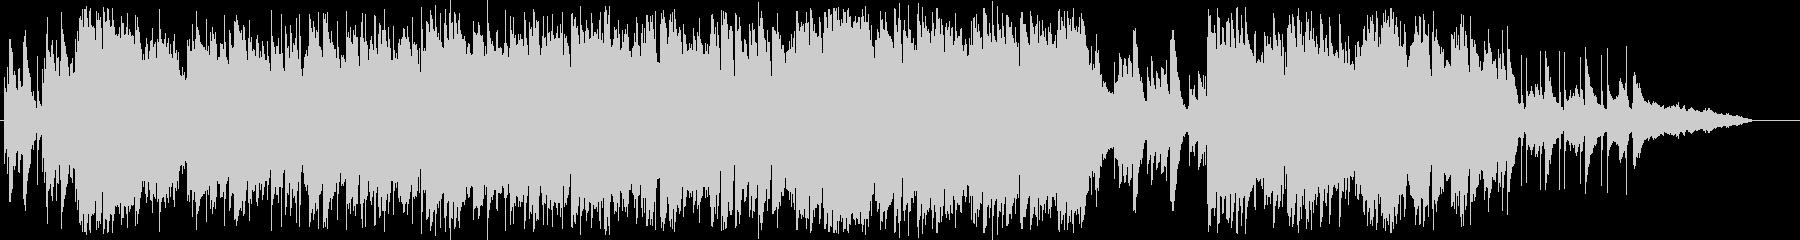 アップテンポ キラキラ系ジブリ風 ピアノの未再生の波形